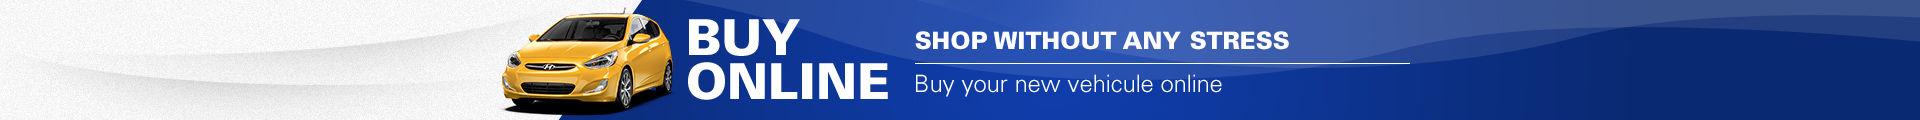 Acheter en ligne maintenant